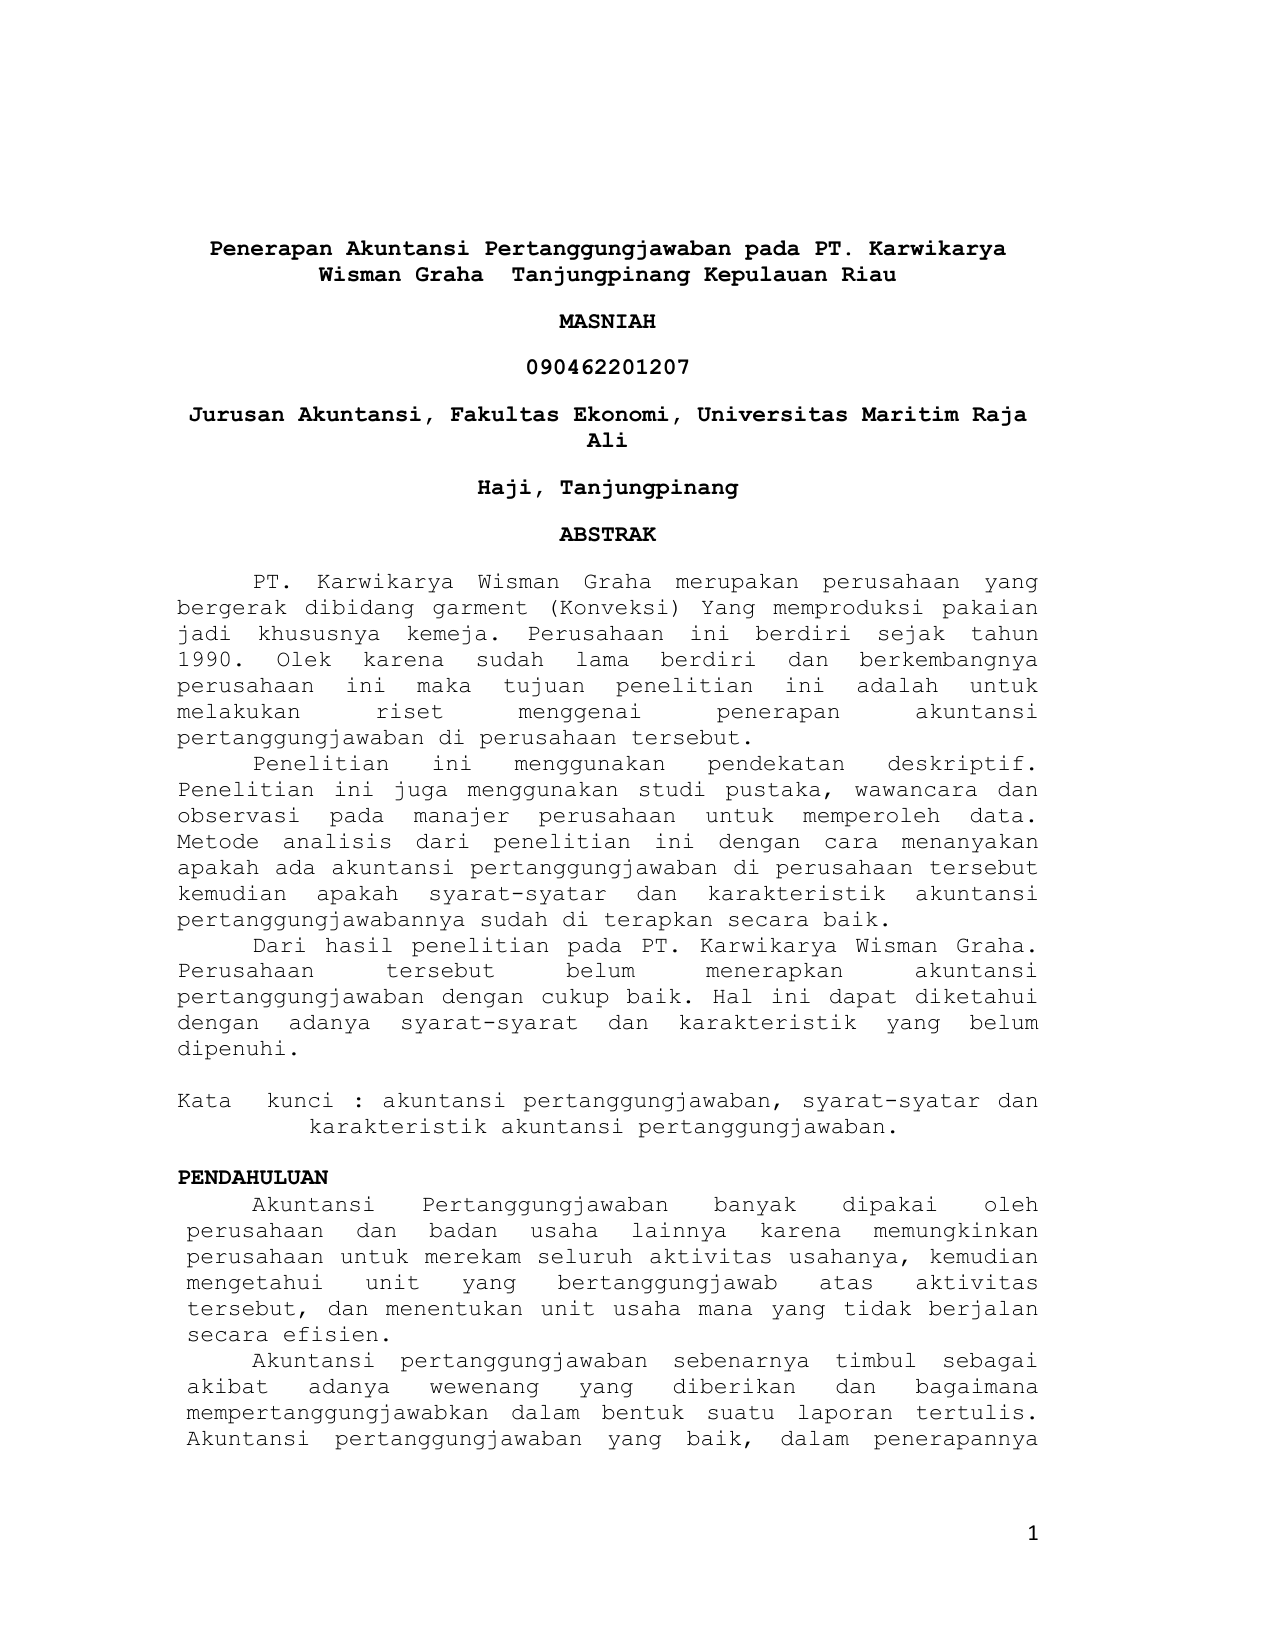 1 Penerapan Akuntansi Pertanggungjawaban Pada Pt Karwikarya